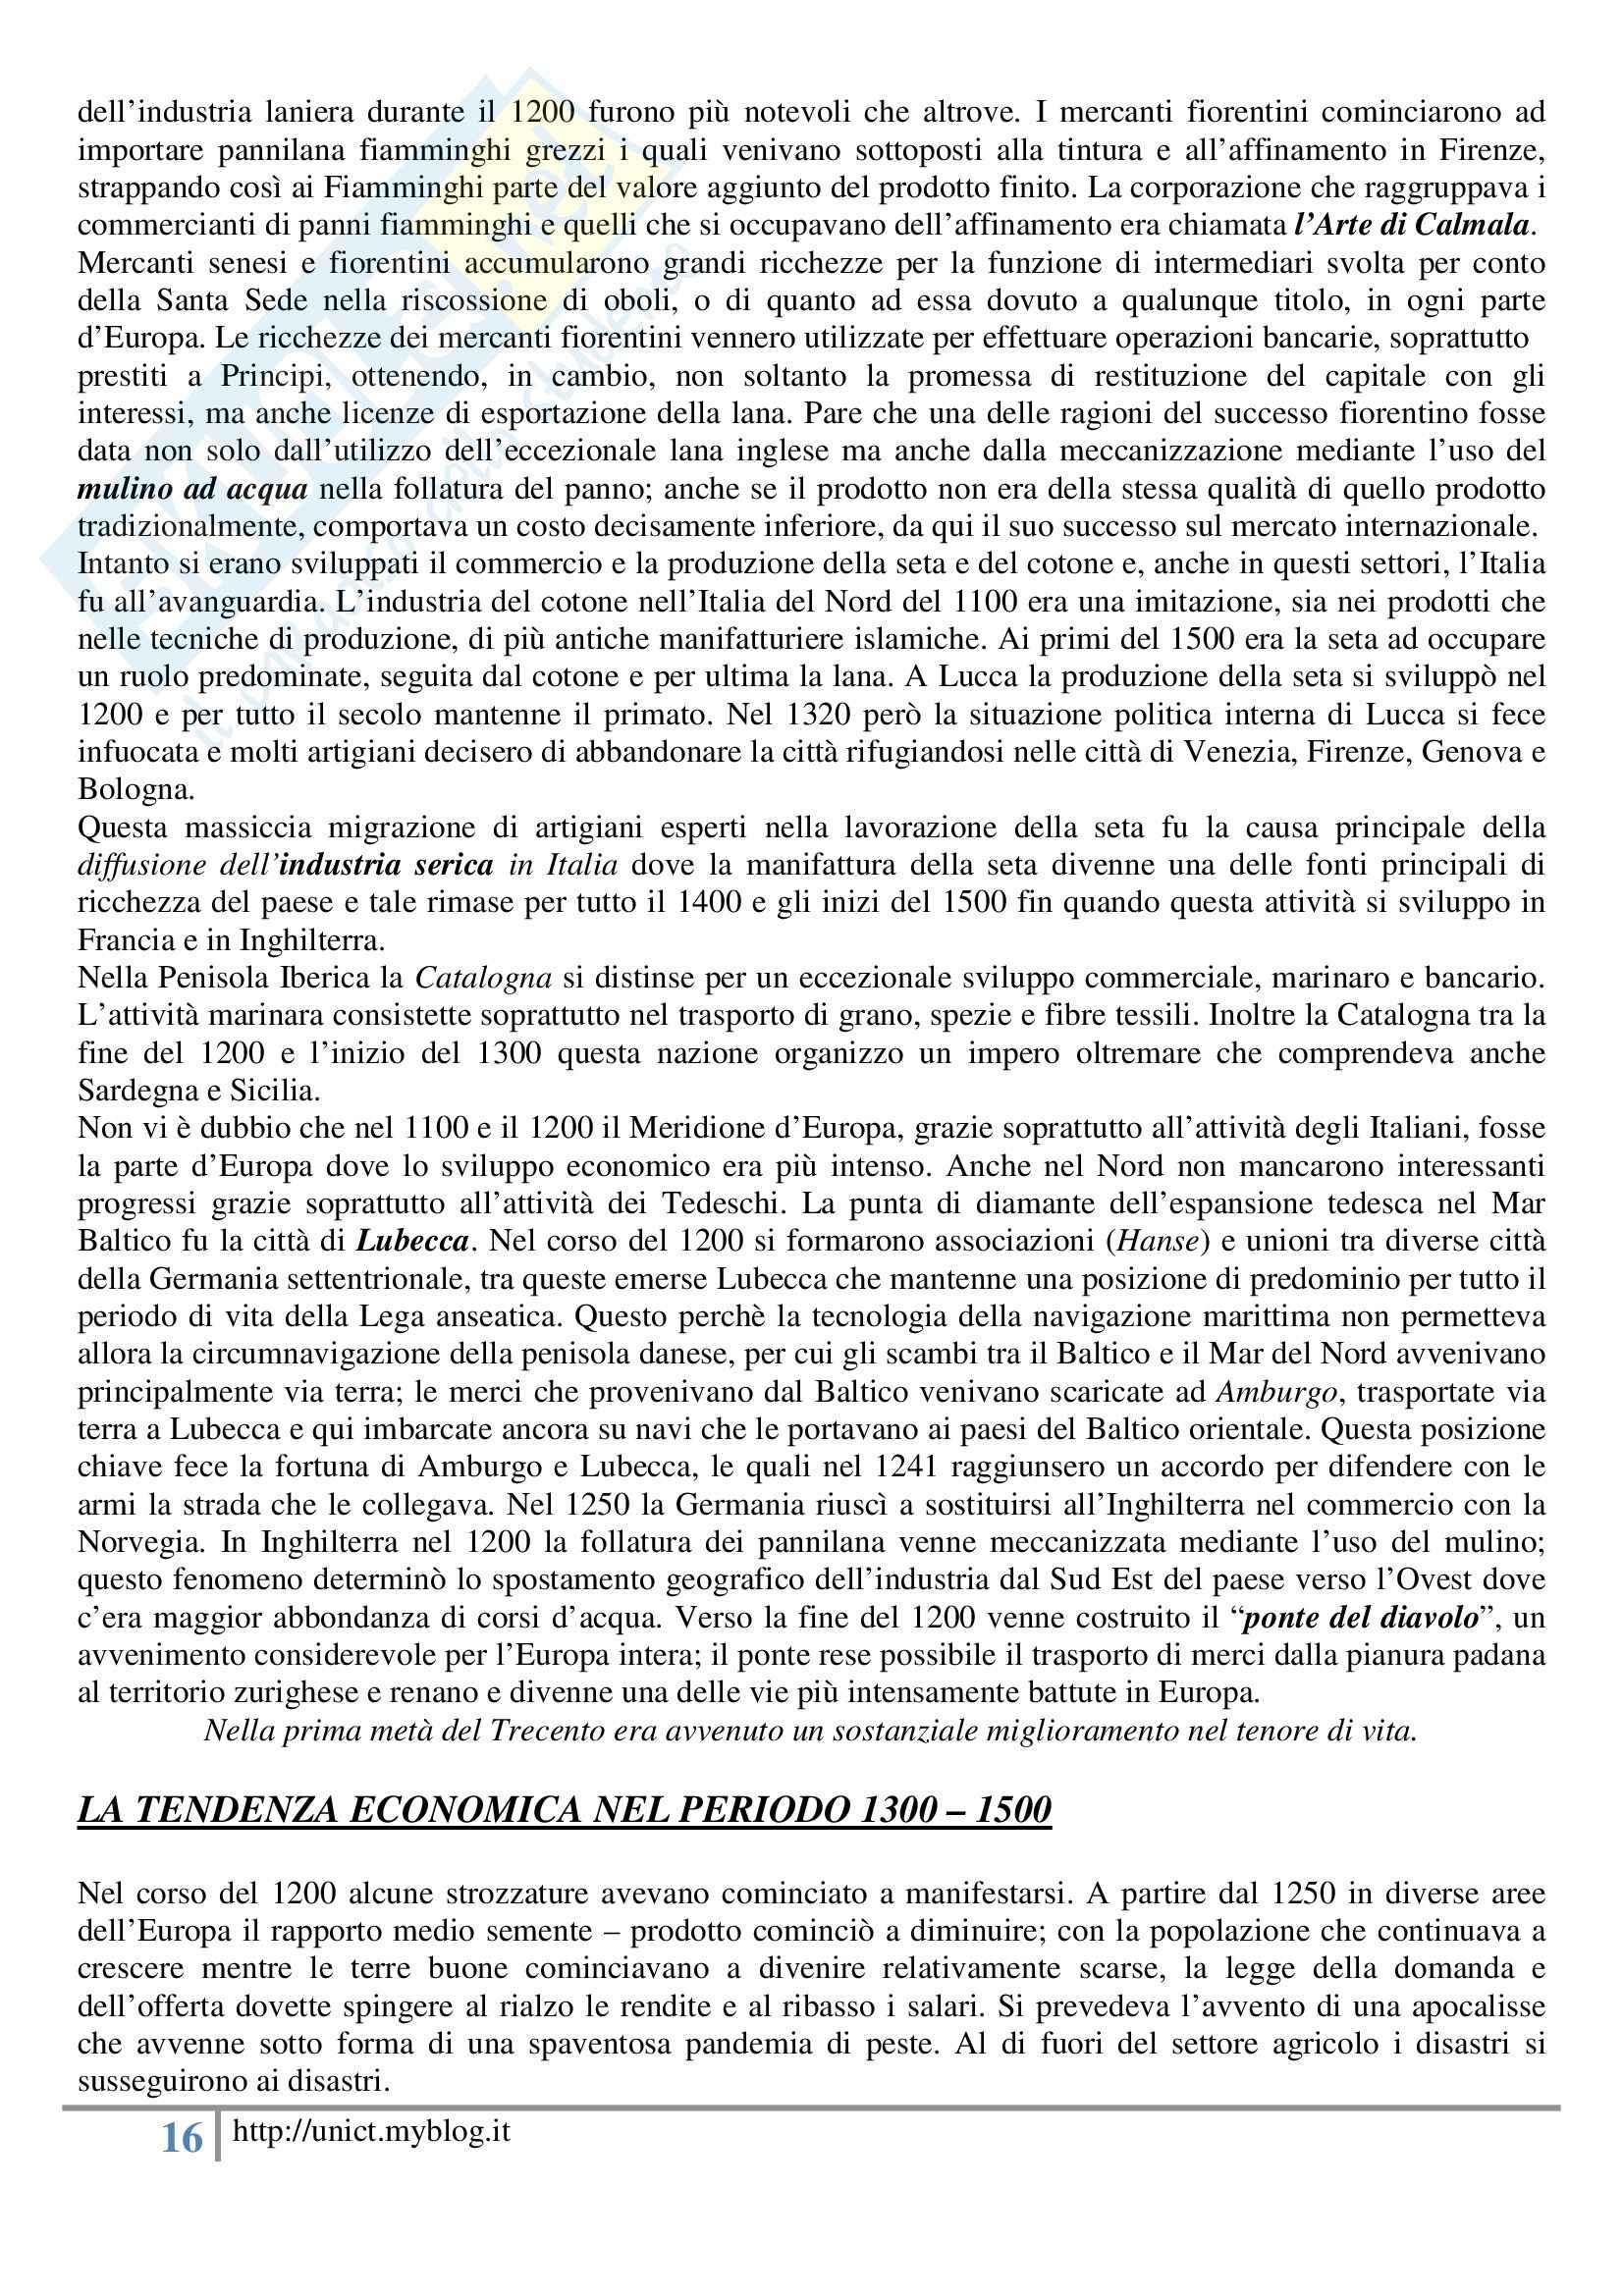 Storia dell'economia mondiale, Assante, Cipolla, Romano - Appunti Pag. 16